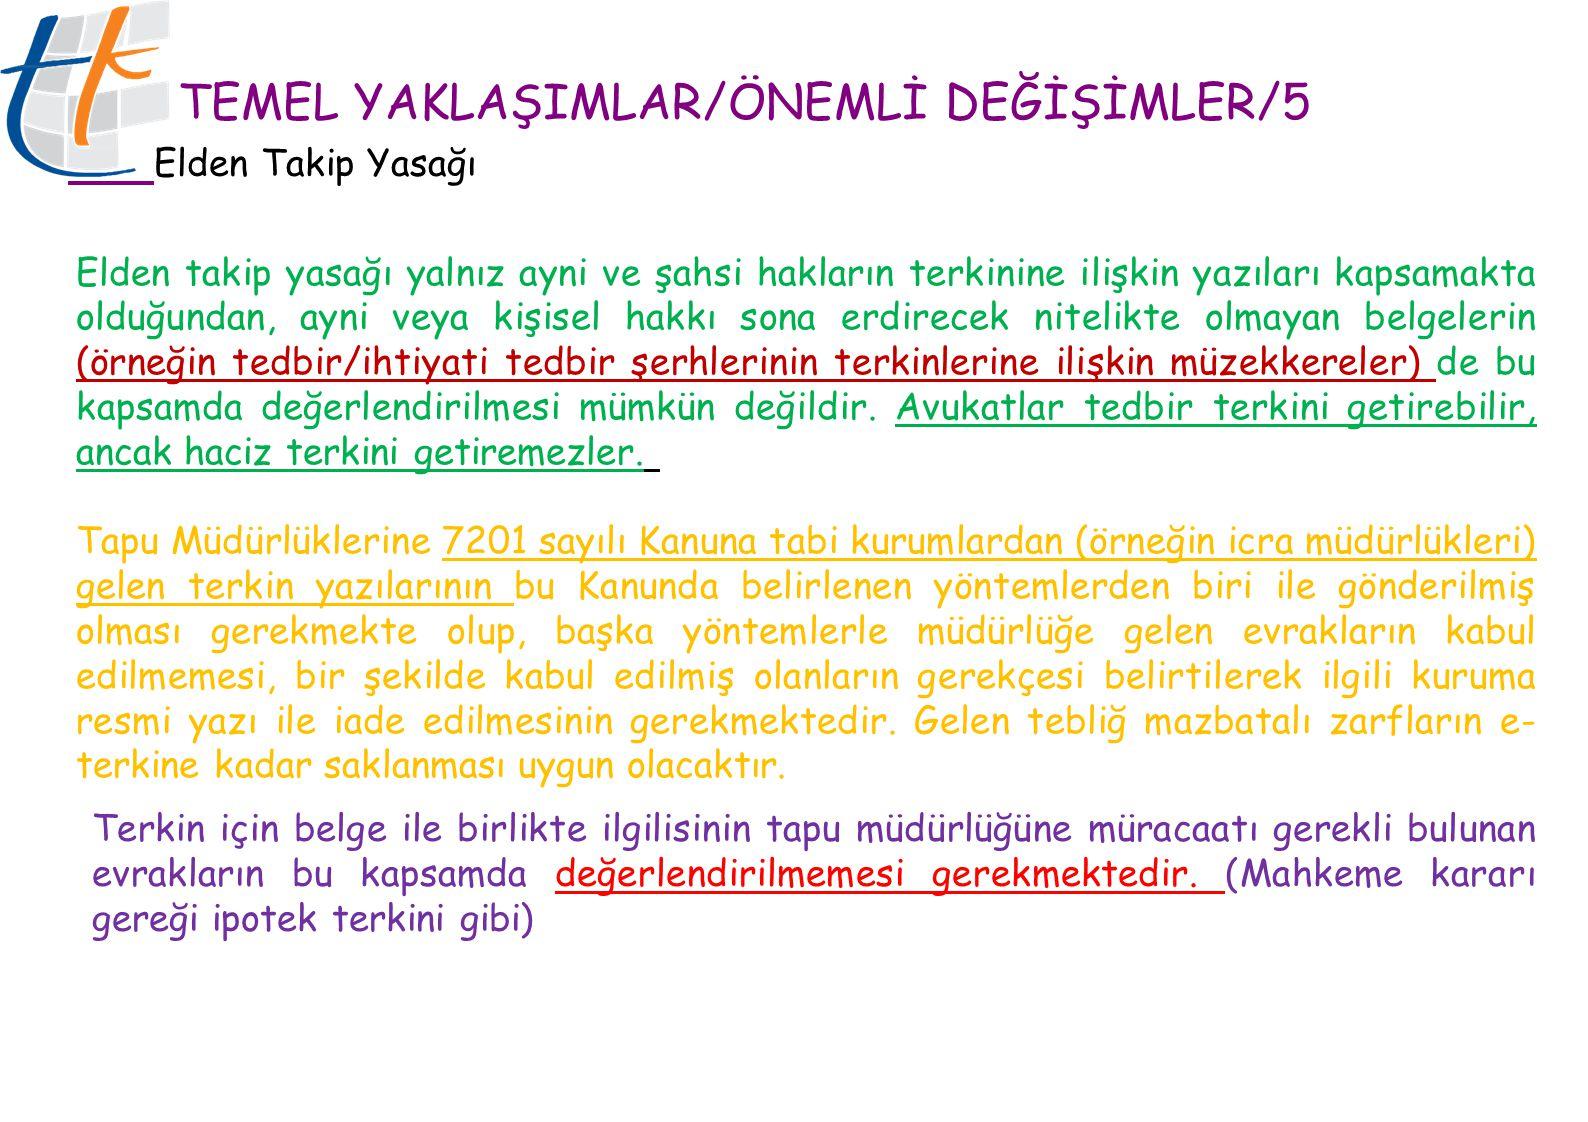 3/9/2013 TARİHLİ DUYURU GEREĞİ 17.08.2013 tarihli ve 28738 sayılı Resmi Gazete'de yayınlanan yeni Tapu Sicili Tüzüğü'nün yayımlandığı tarihten önce düzenlenmiş olan yetki belgeleri hakkında Tüzüğün 18.